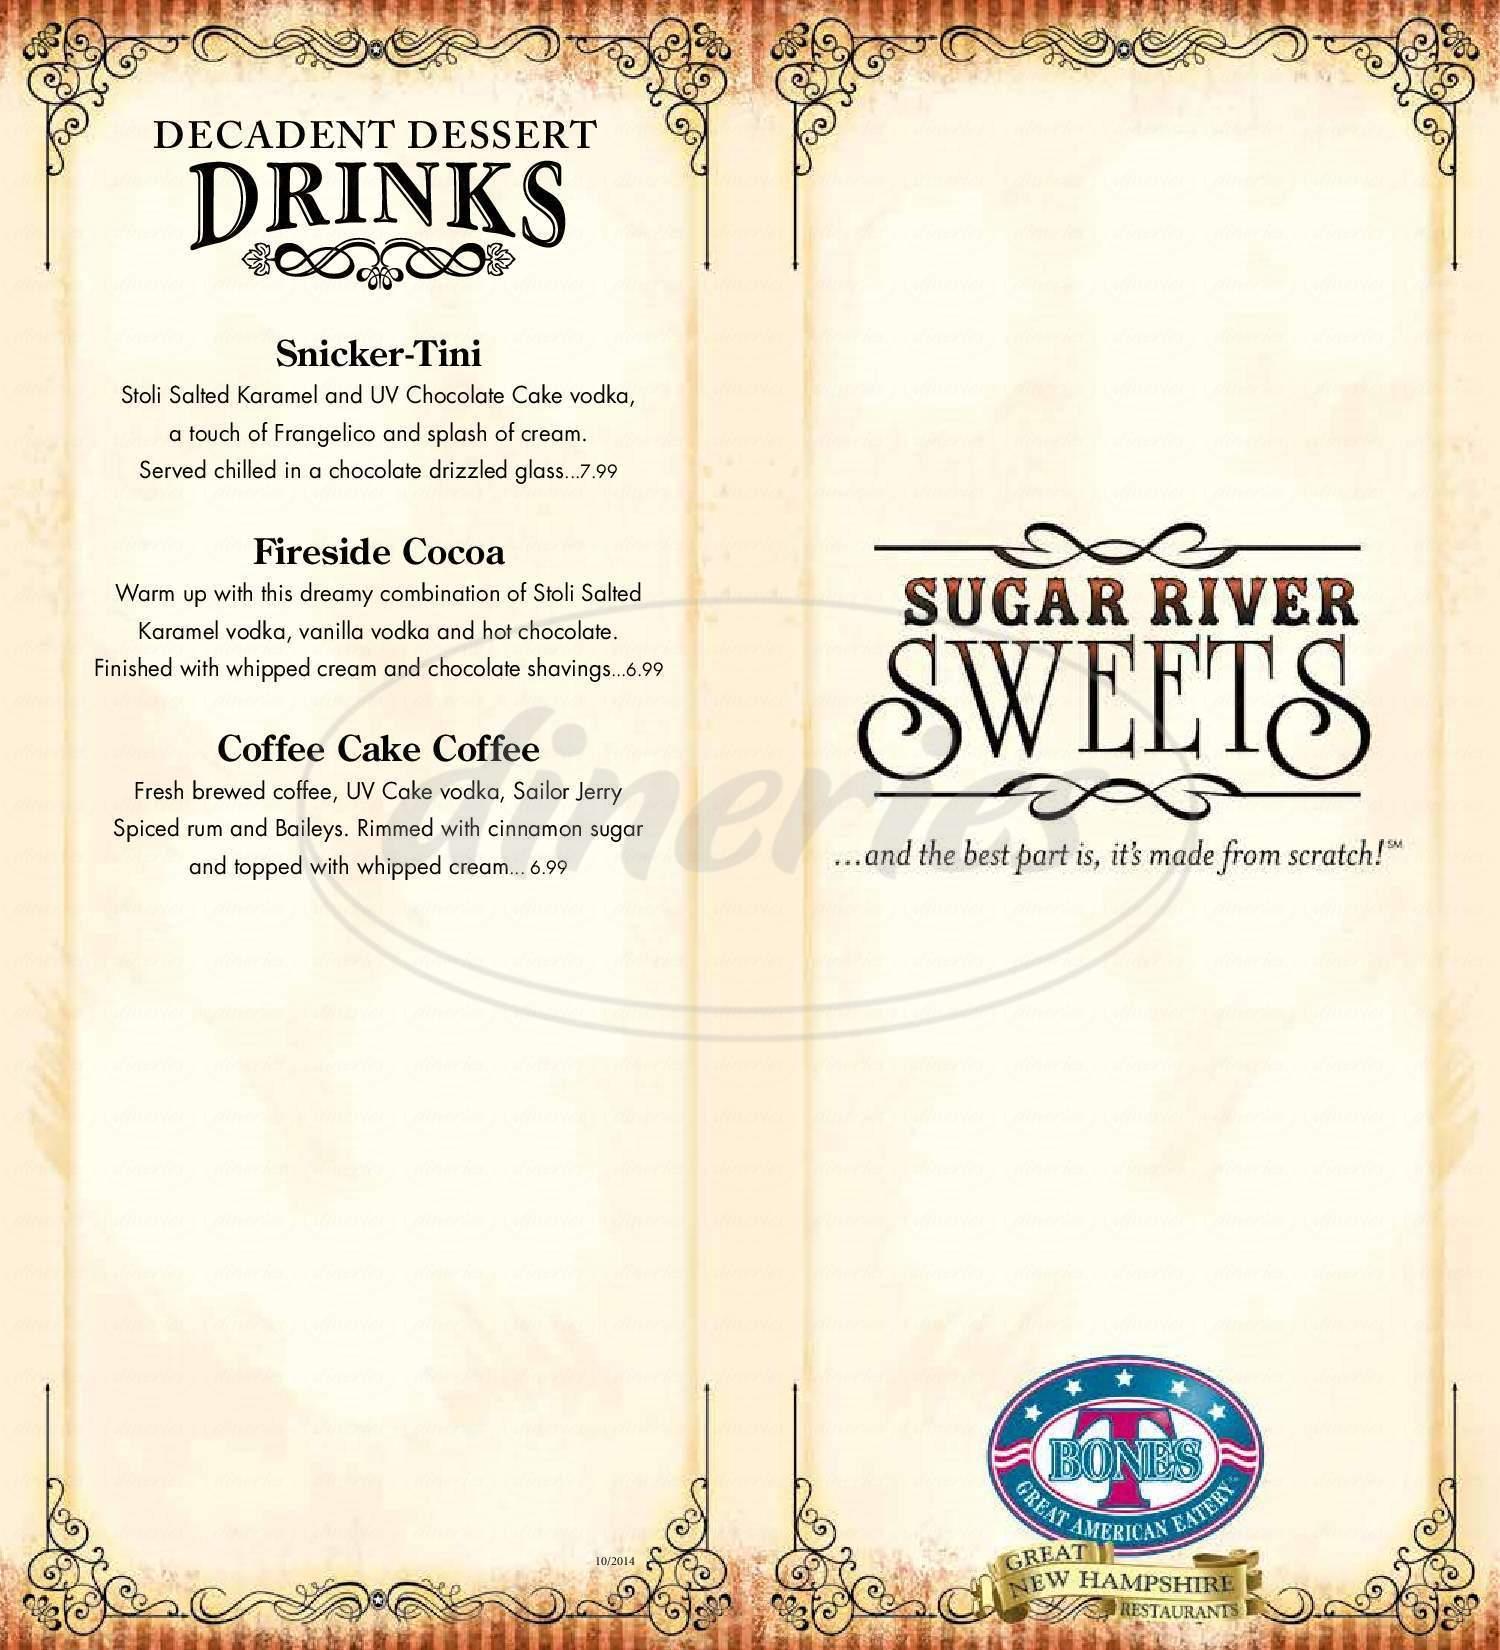 menu for T-BONES Great American Eatery